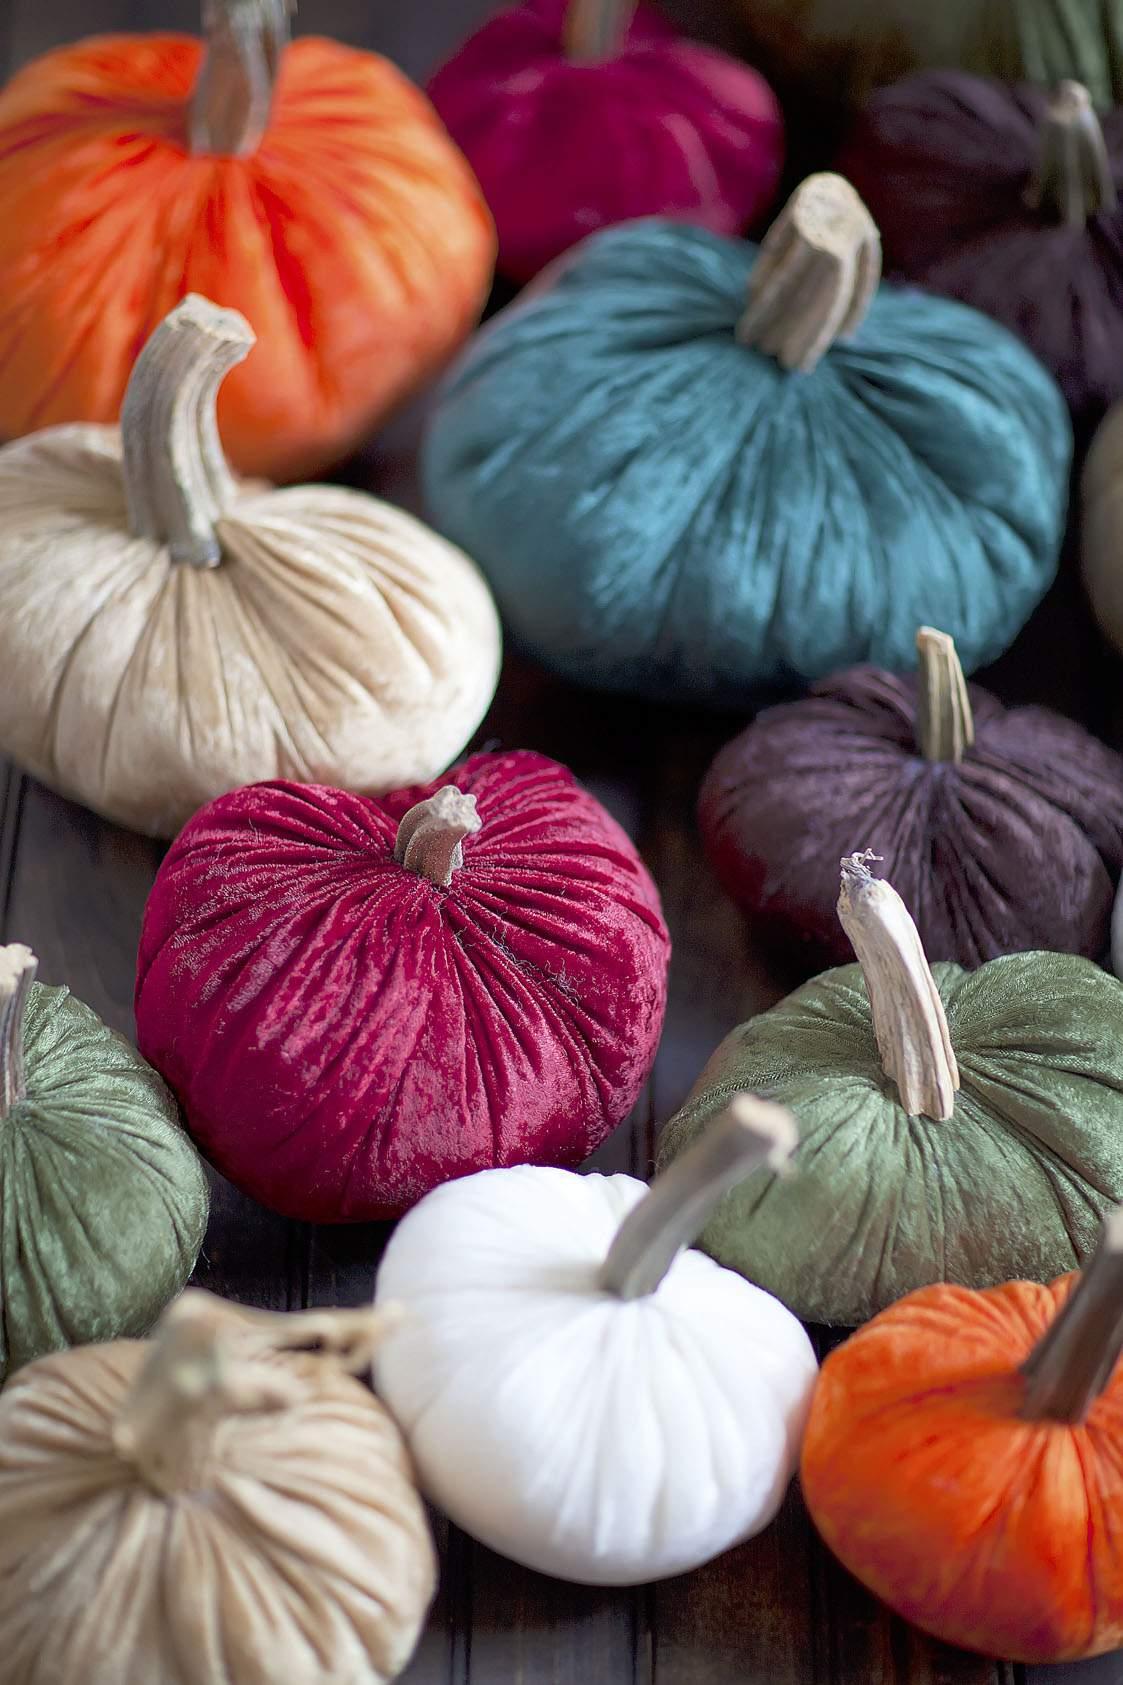 Pumpkin stems for crafts - Pumpkin Stems Steps